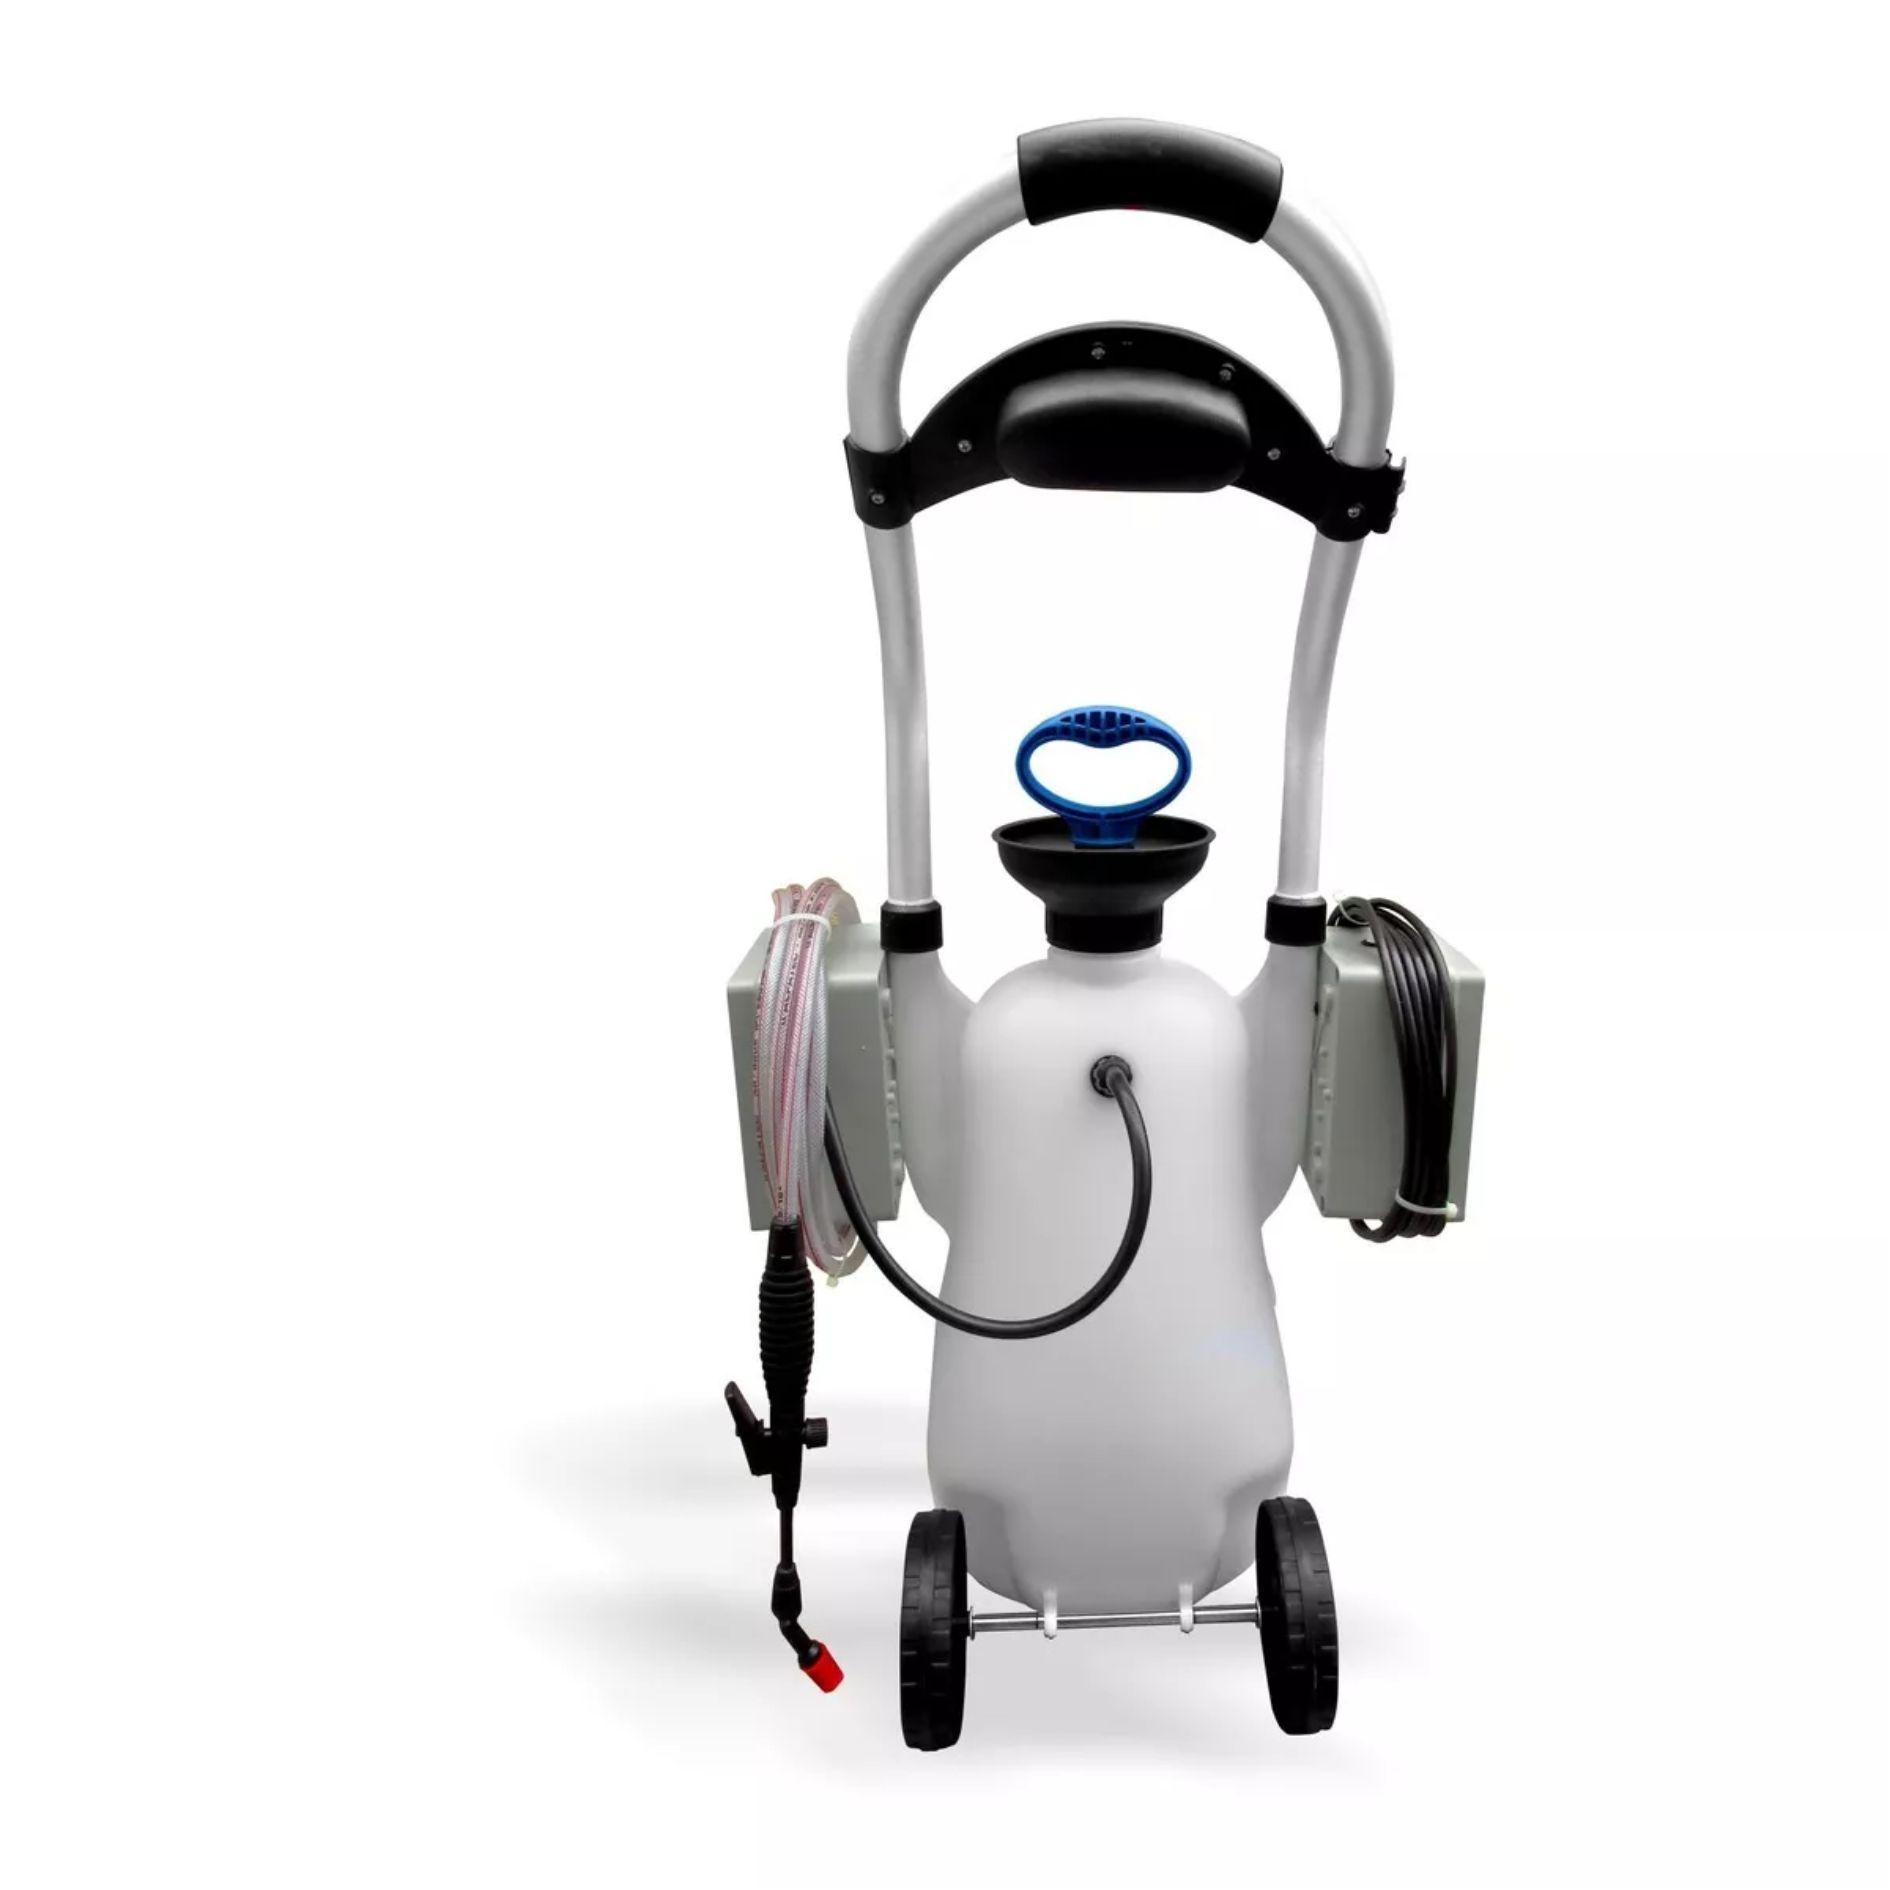 Kit para Limpeza de Ar Condicionado Split - Maquina Automática GBMak PopClean 16 Litros / Pulverizador Manual / Coletor de Resíduos Split  - Náutica Refrigeração e Climatização